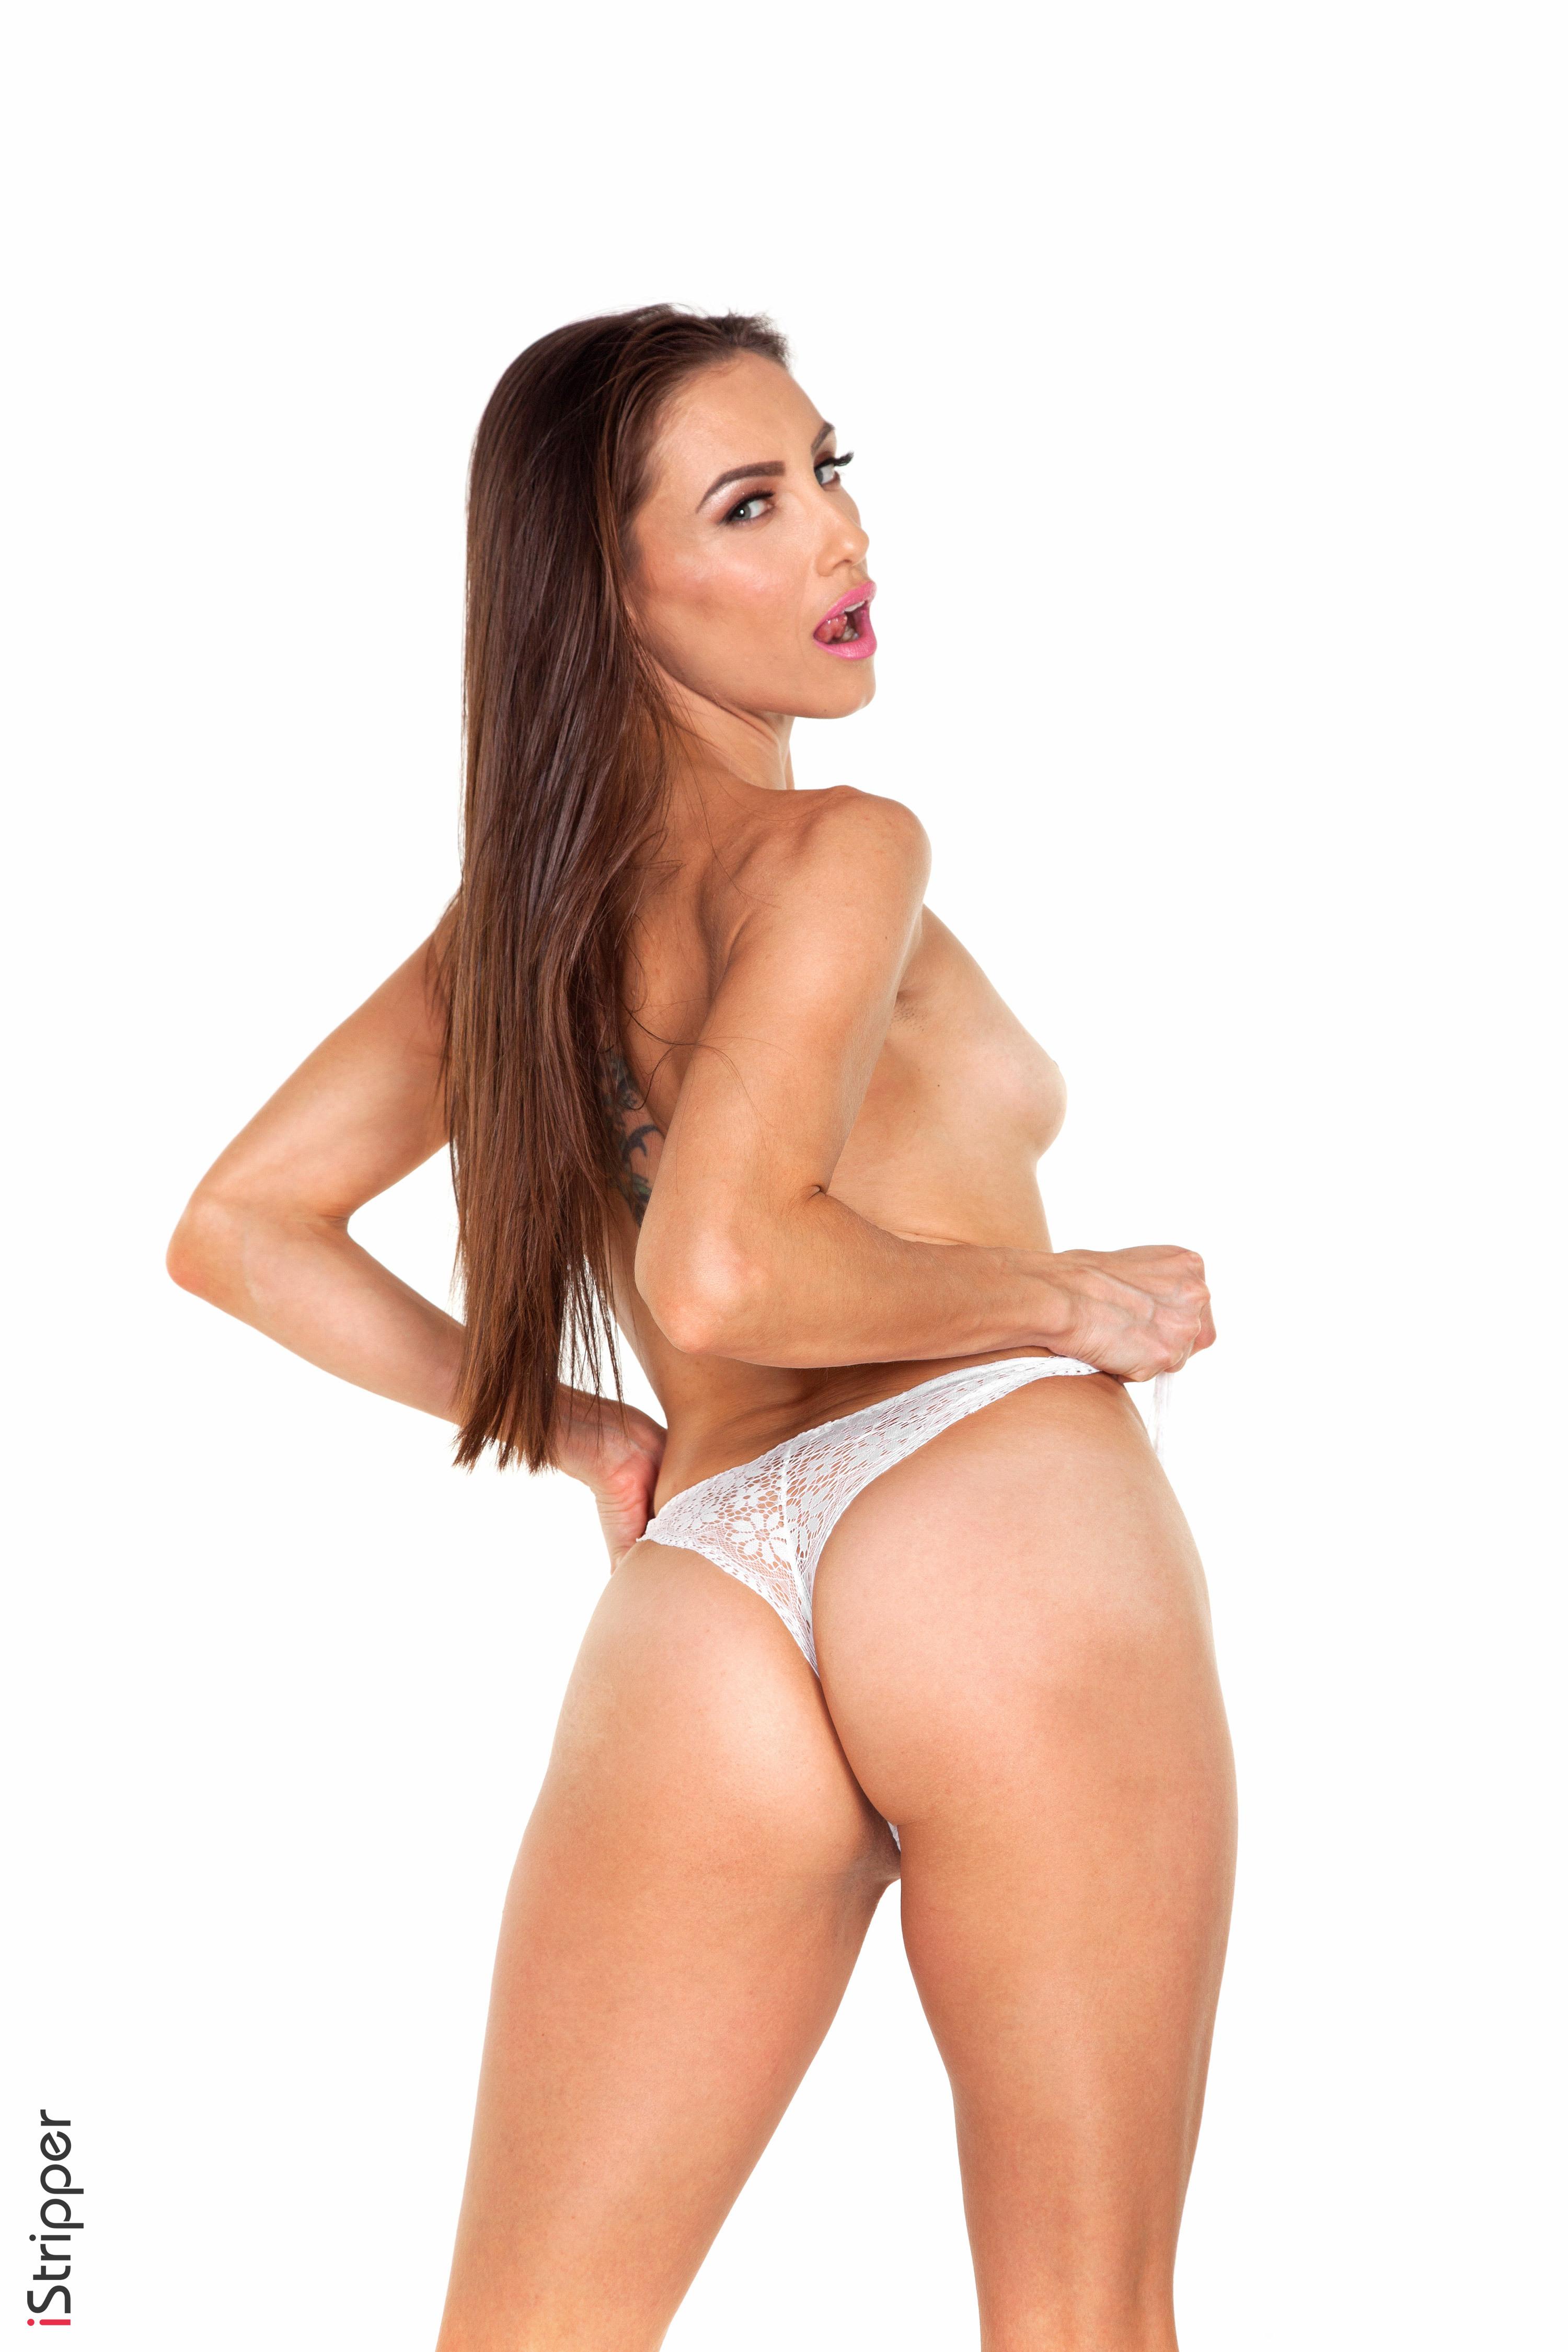 hot muslim girls stripping